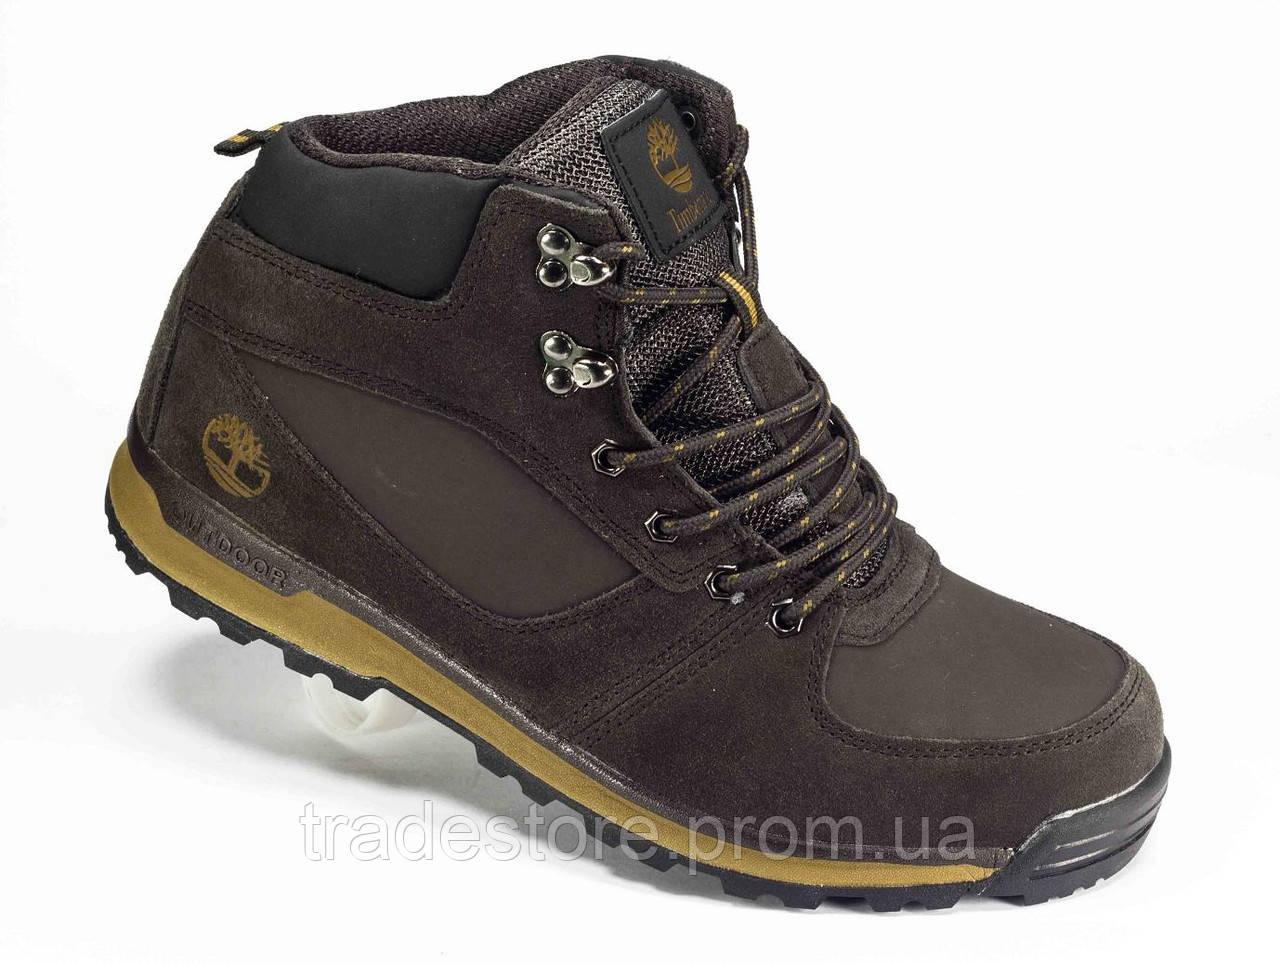 Мужские зимние ботинки в стиле Timberland коричневый